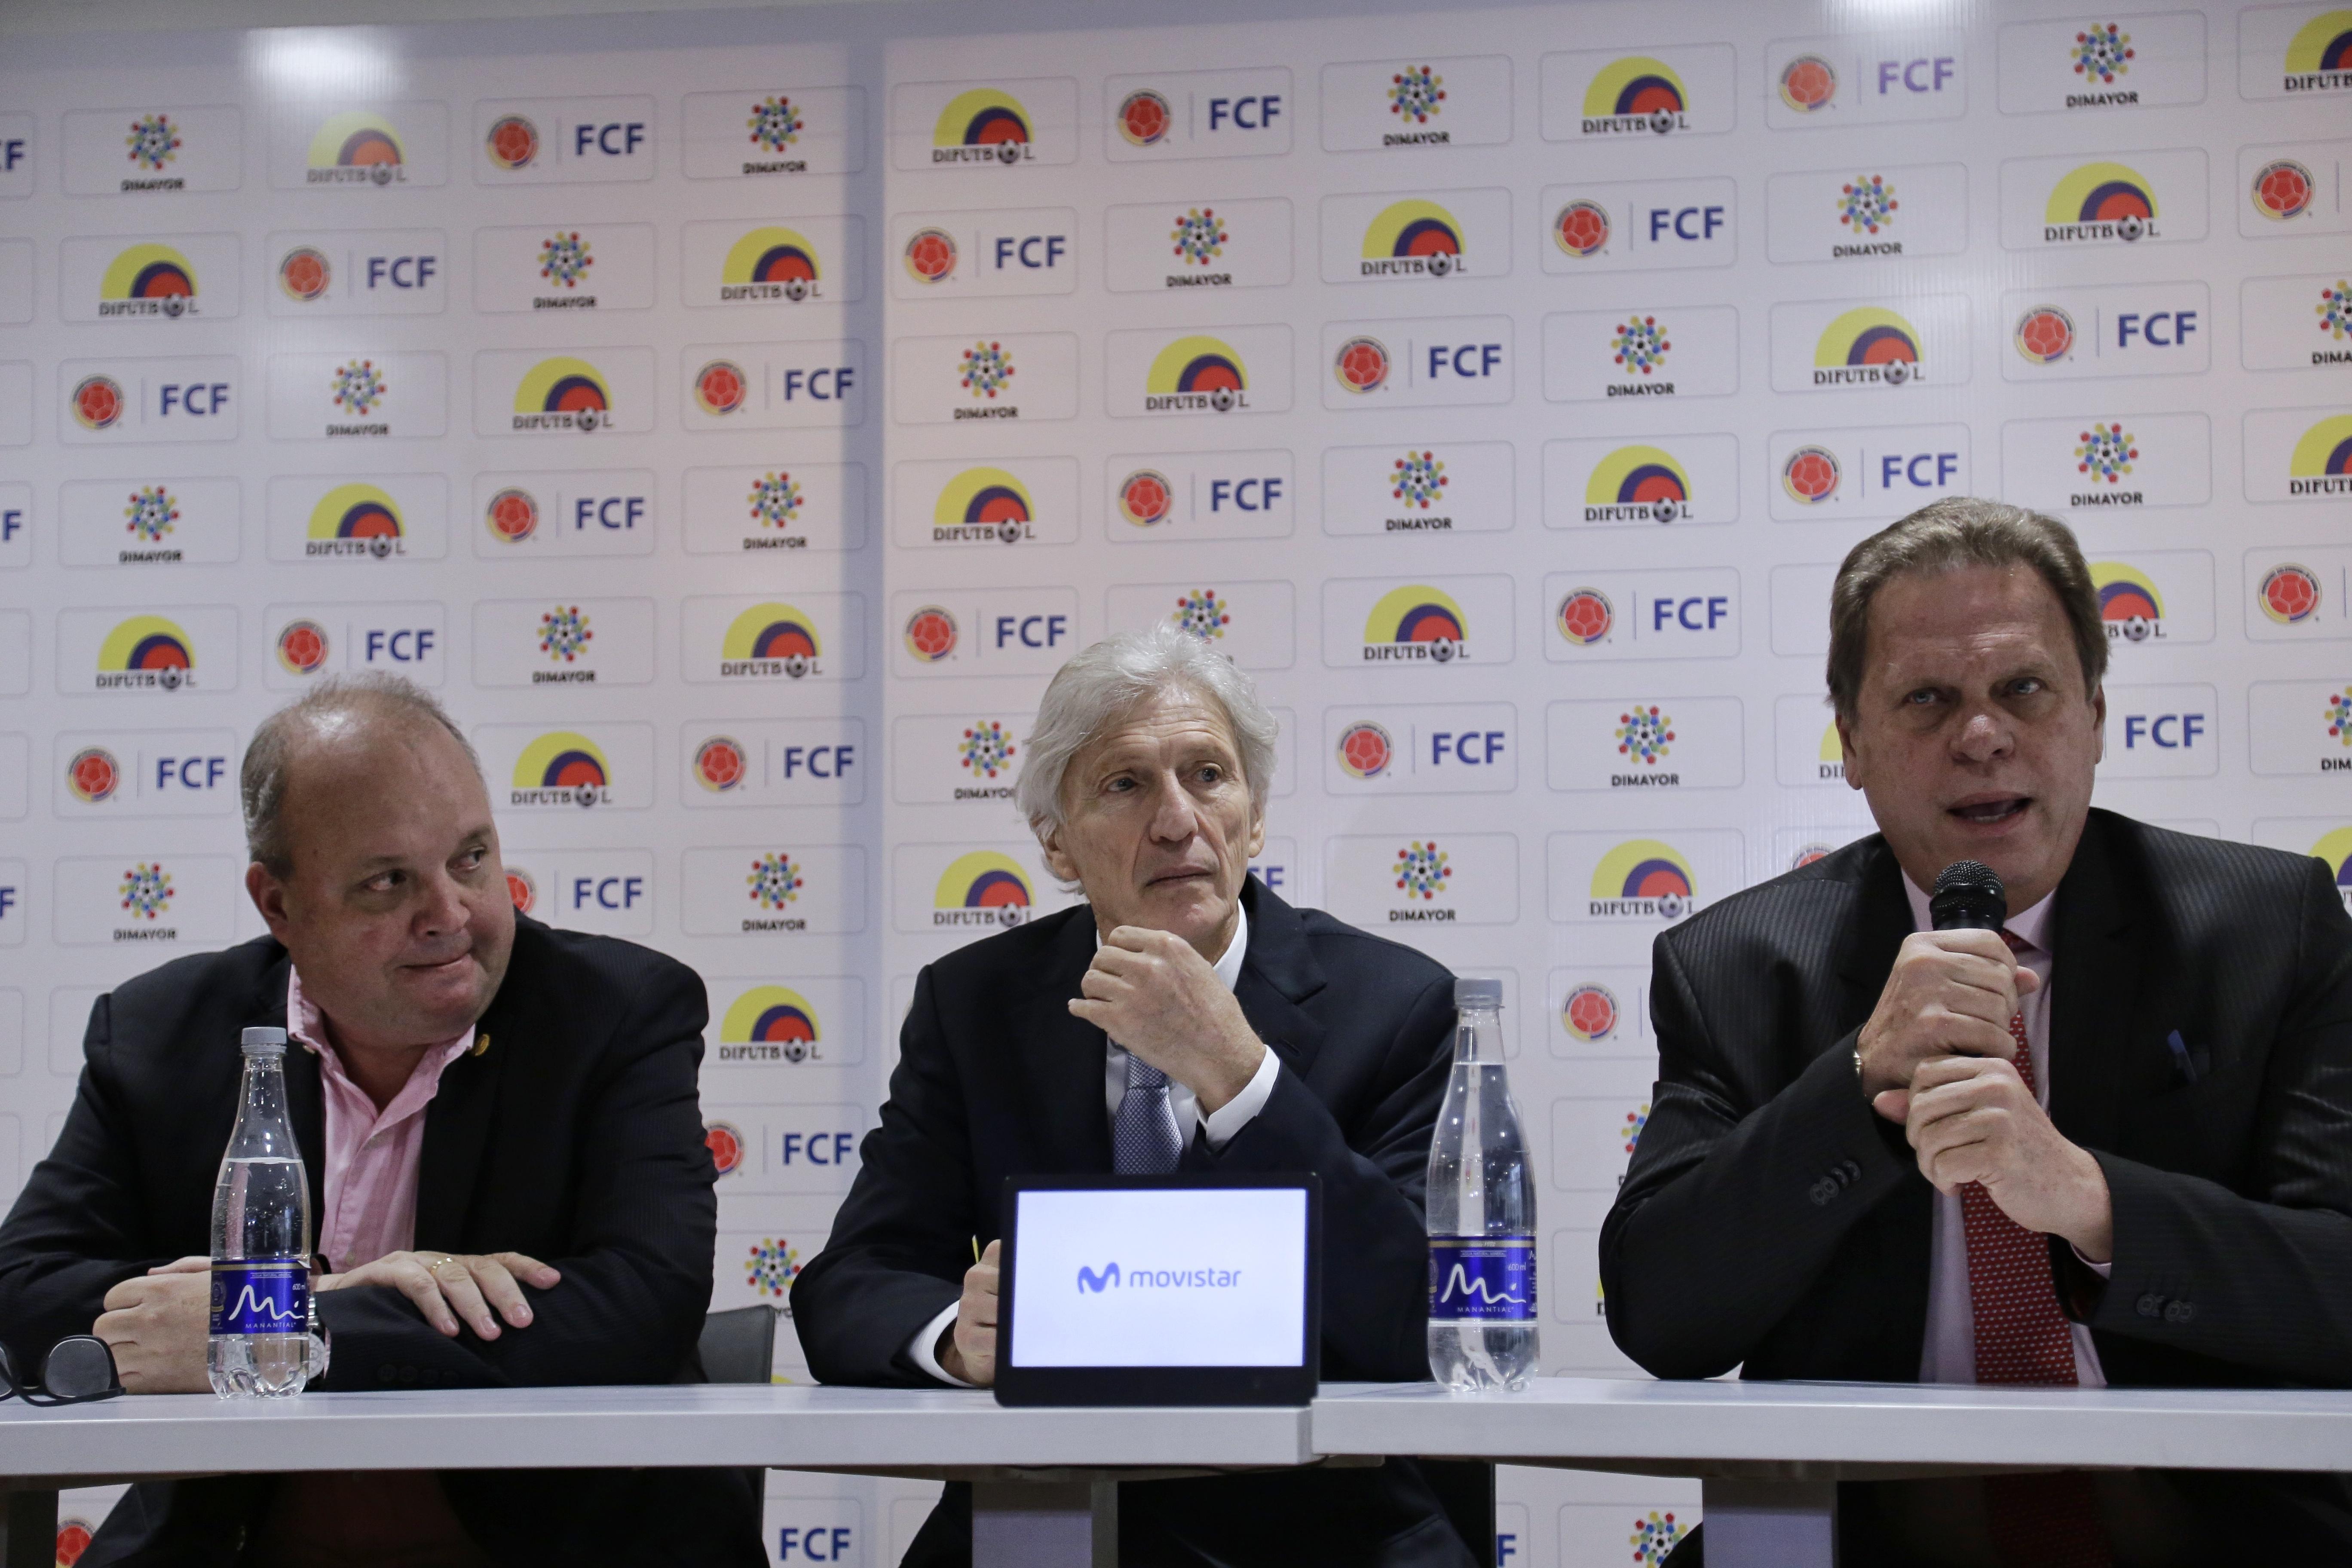 Jesurun junto a Pékerman y Vélez en la rueda de prensa.